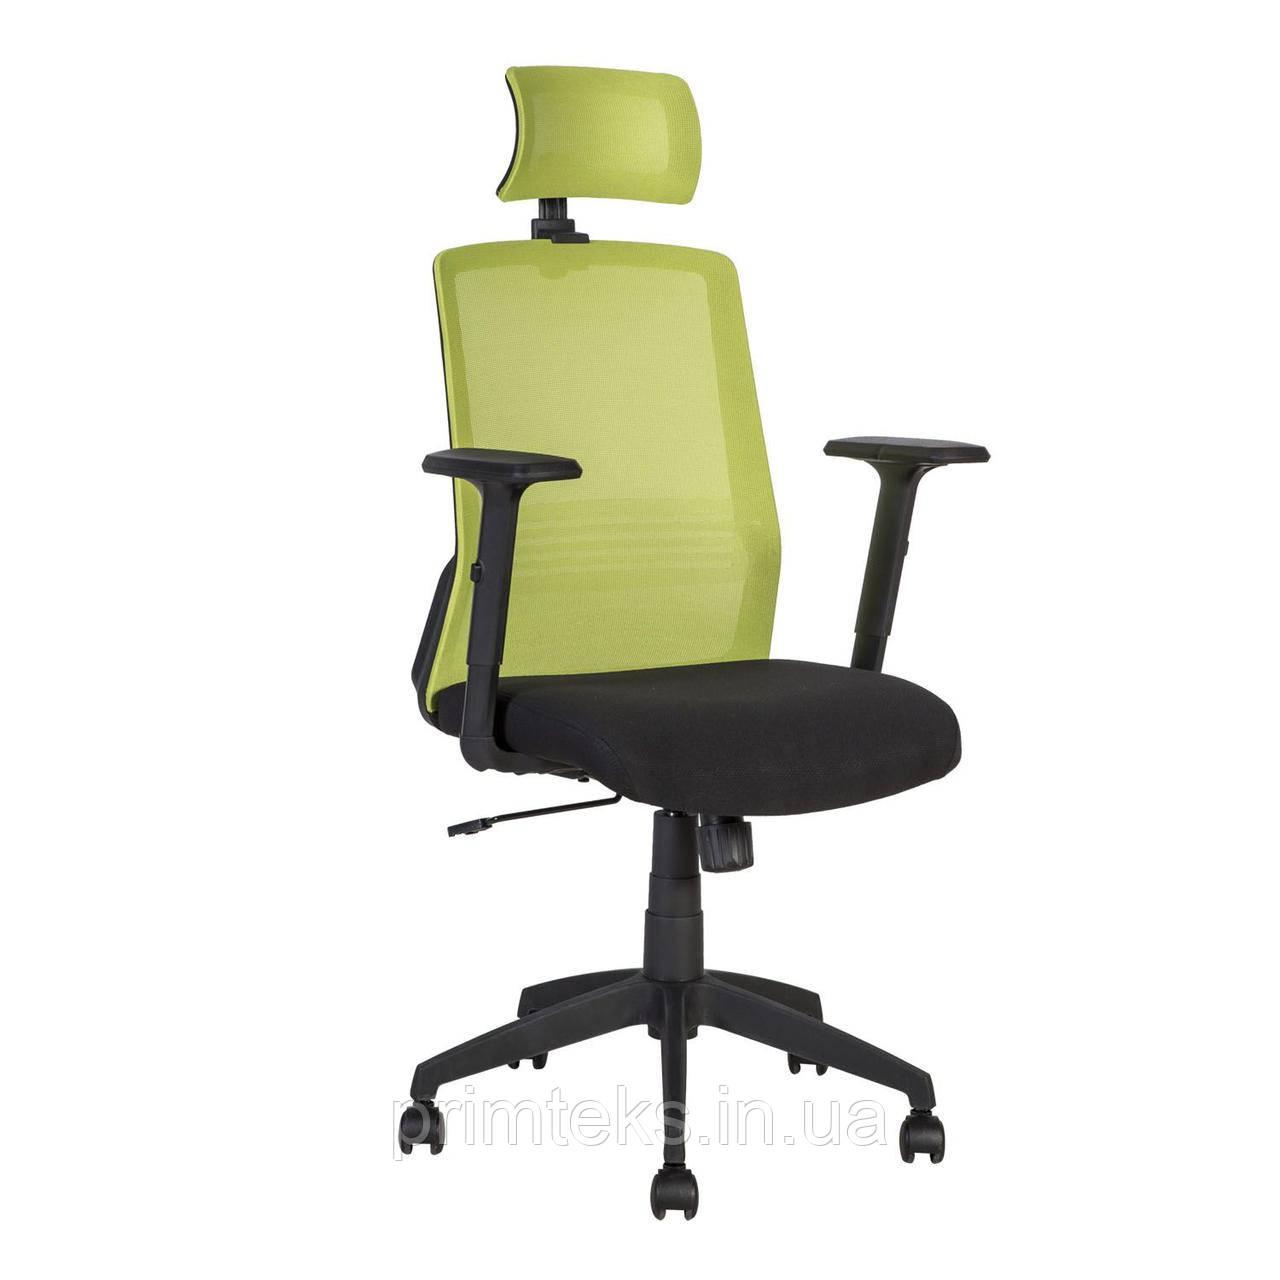 Кресло BRAVO black-green ( Браво)